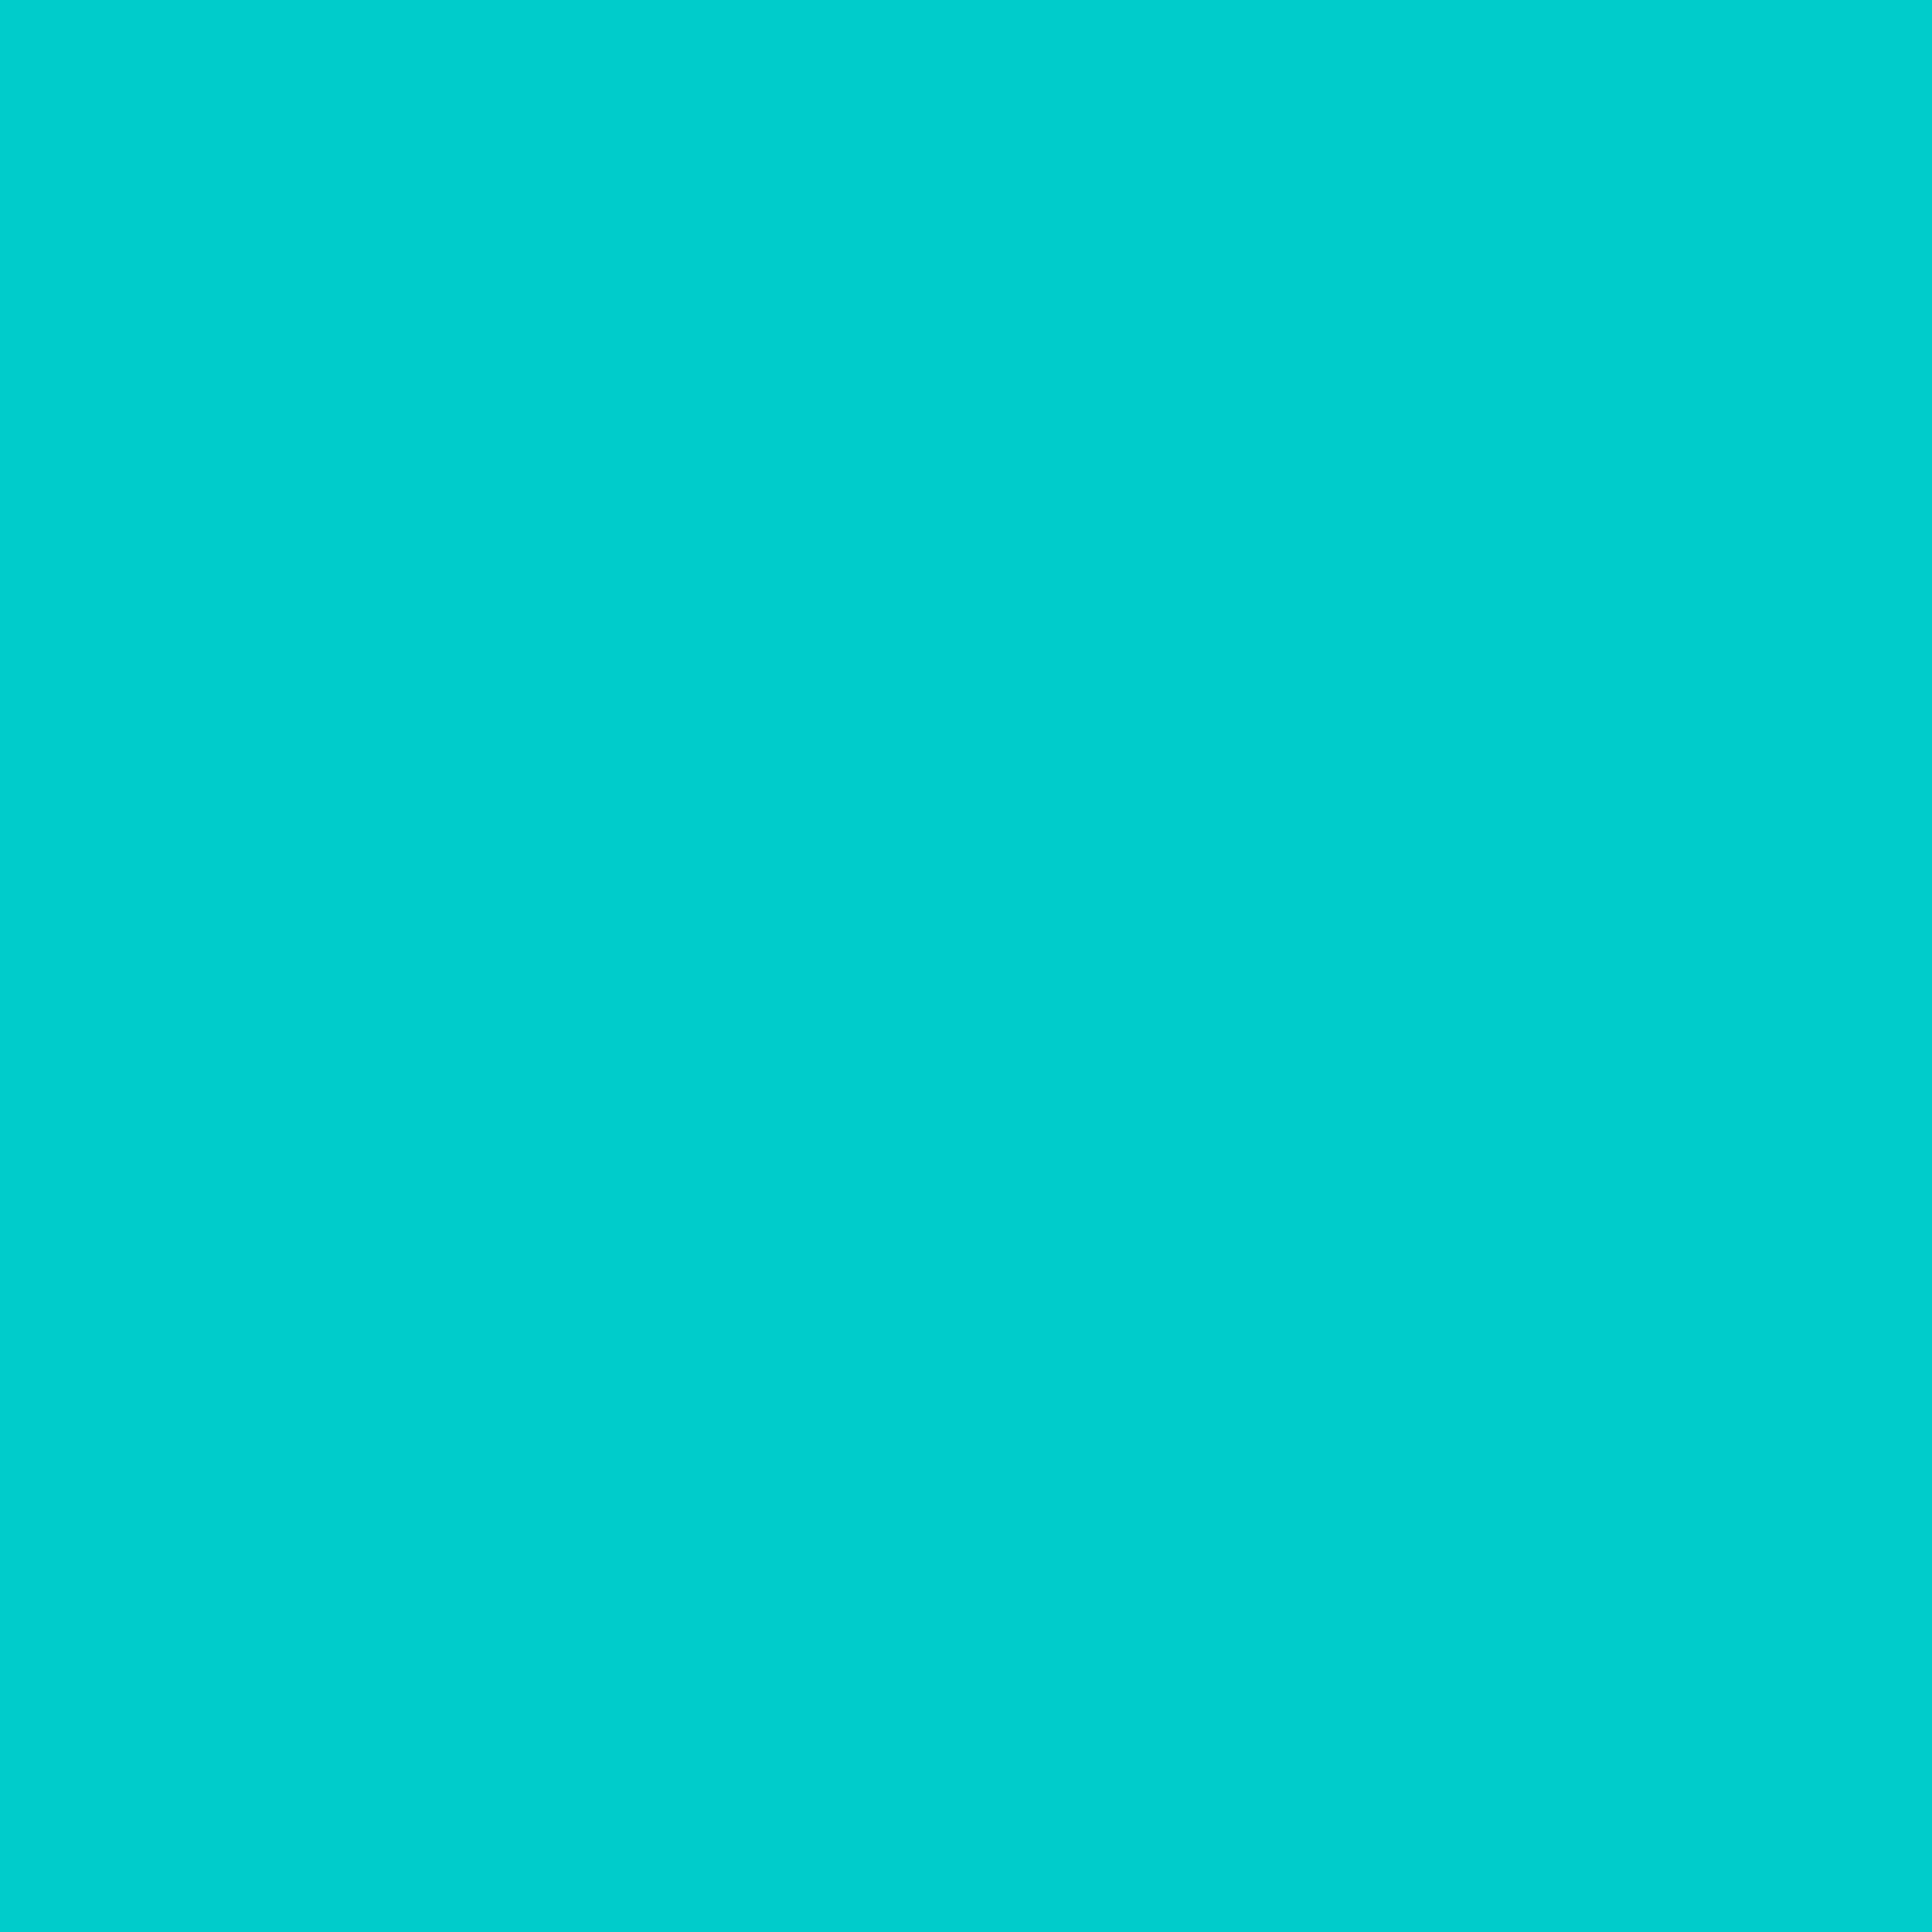 3600x3600 Robin Egg Blue Solid Color Background